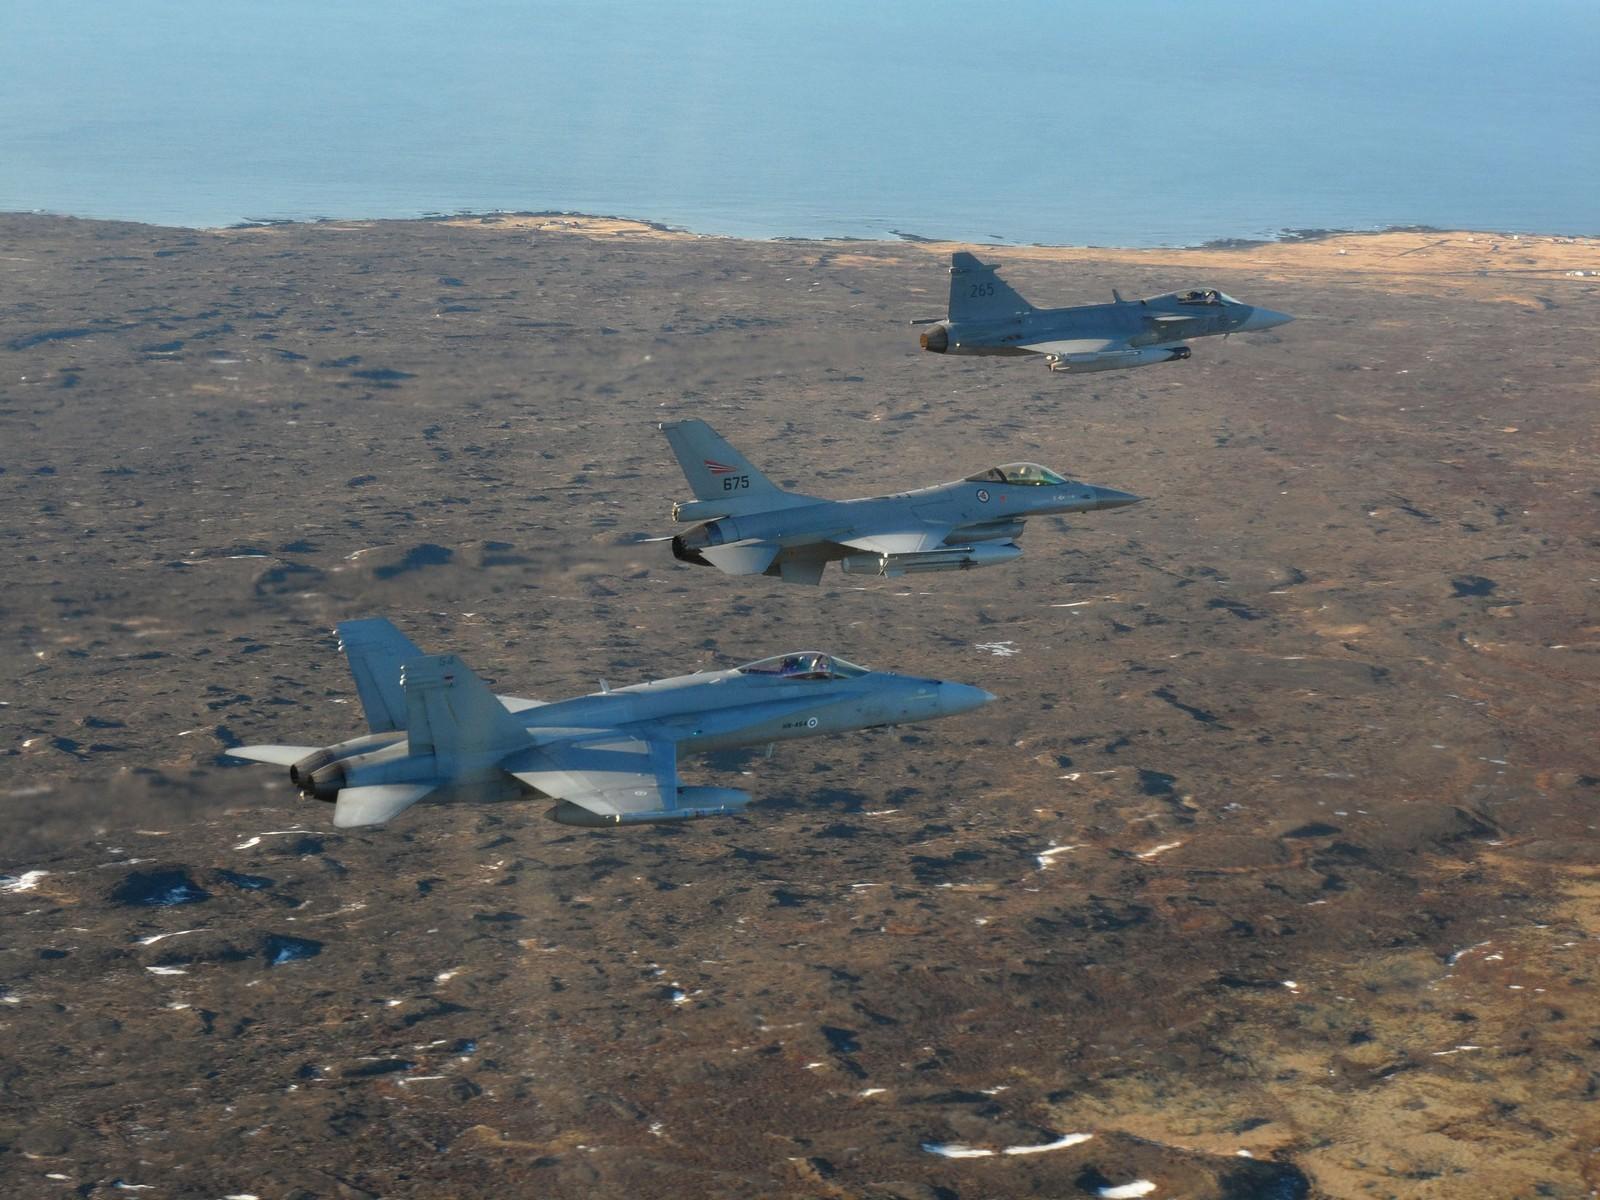 동유럽에 추가 전력의 배치를 고려 중인 NATO